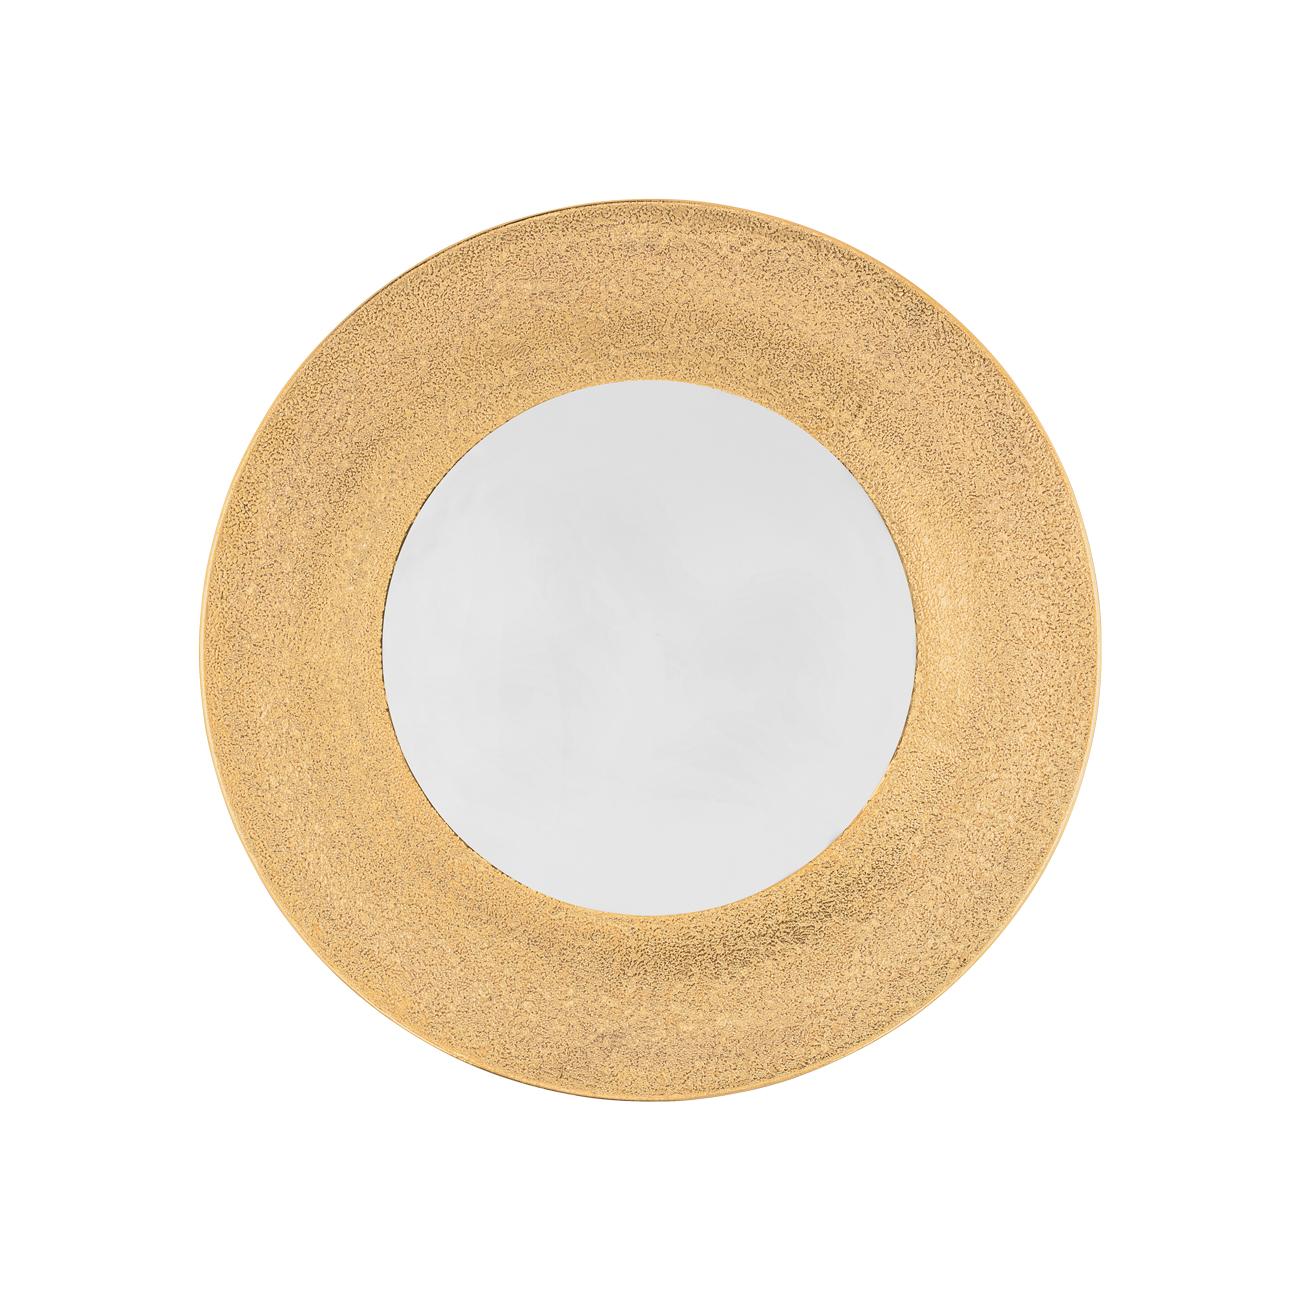 Dinner Plate 28cm Ballet 0